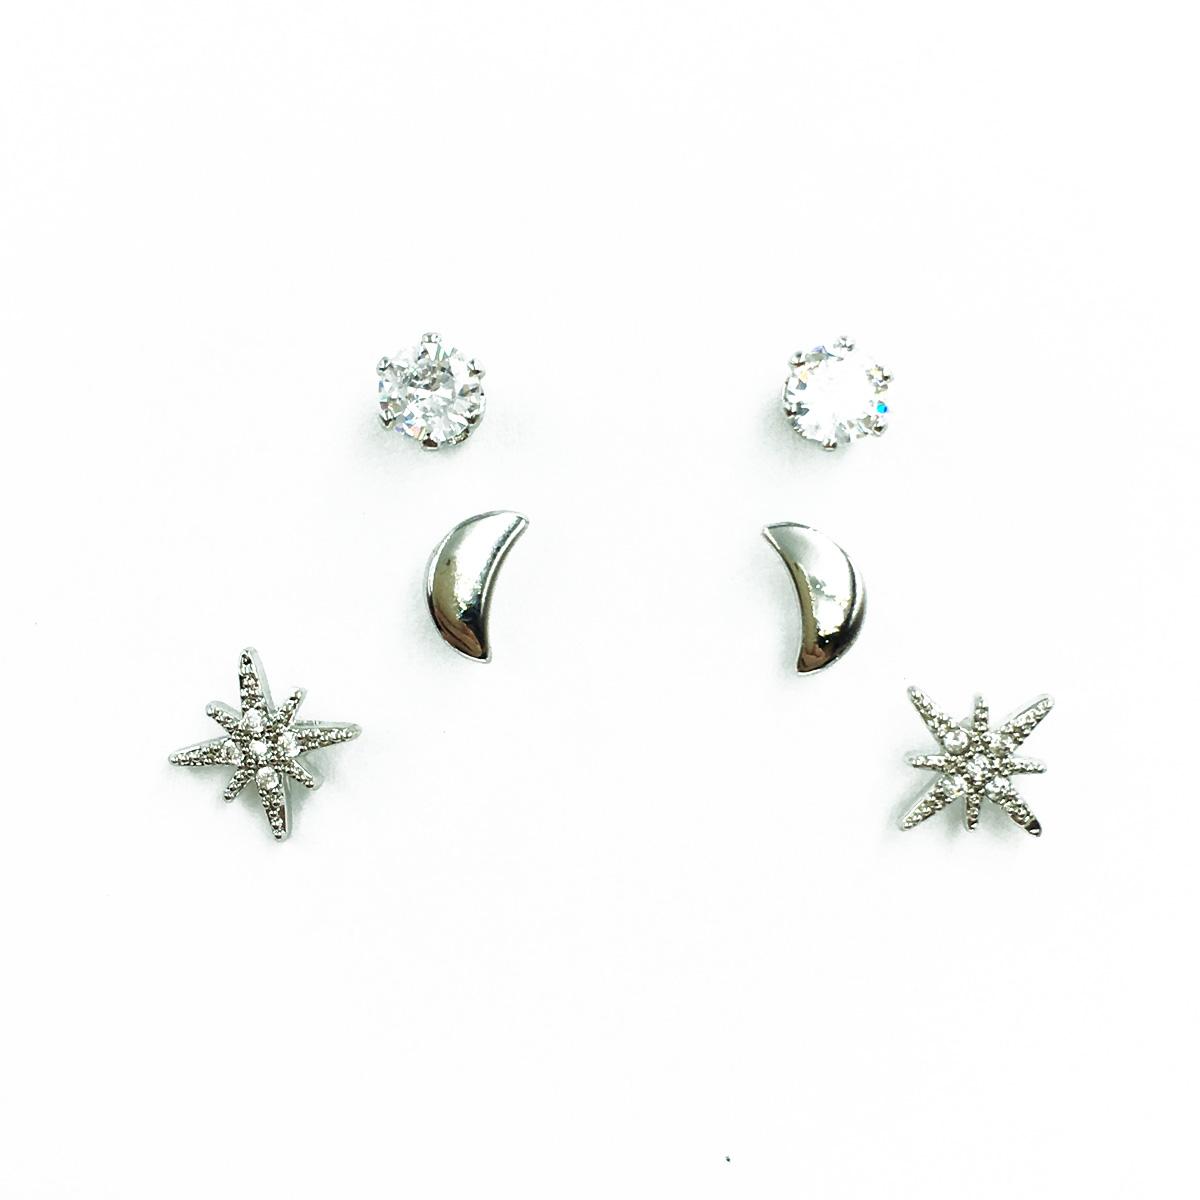 韓國 925純銀 水鑽 月亮 雪花 3對組 精緻 耳針式耳環